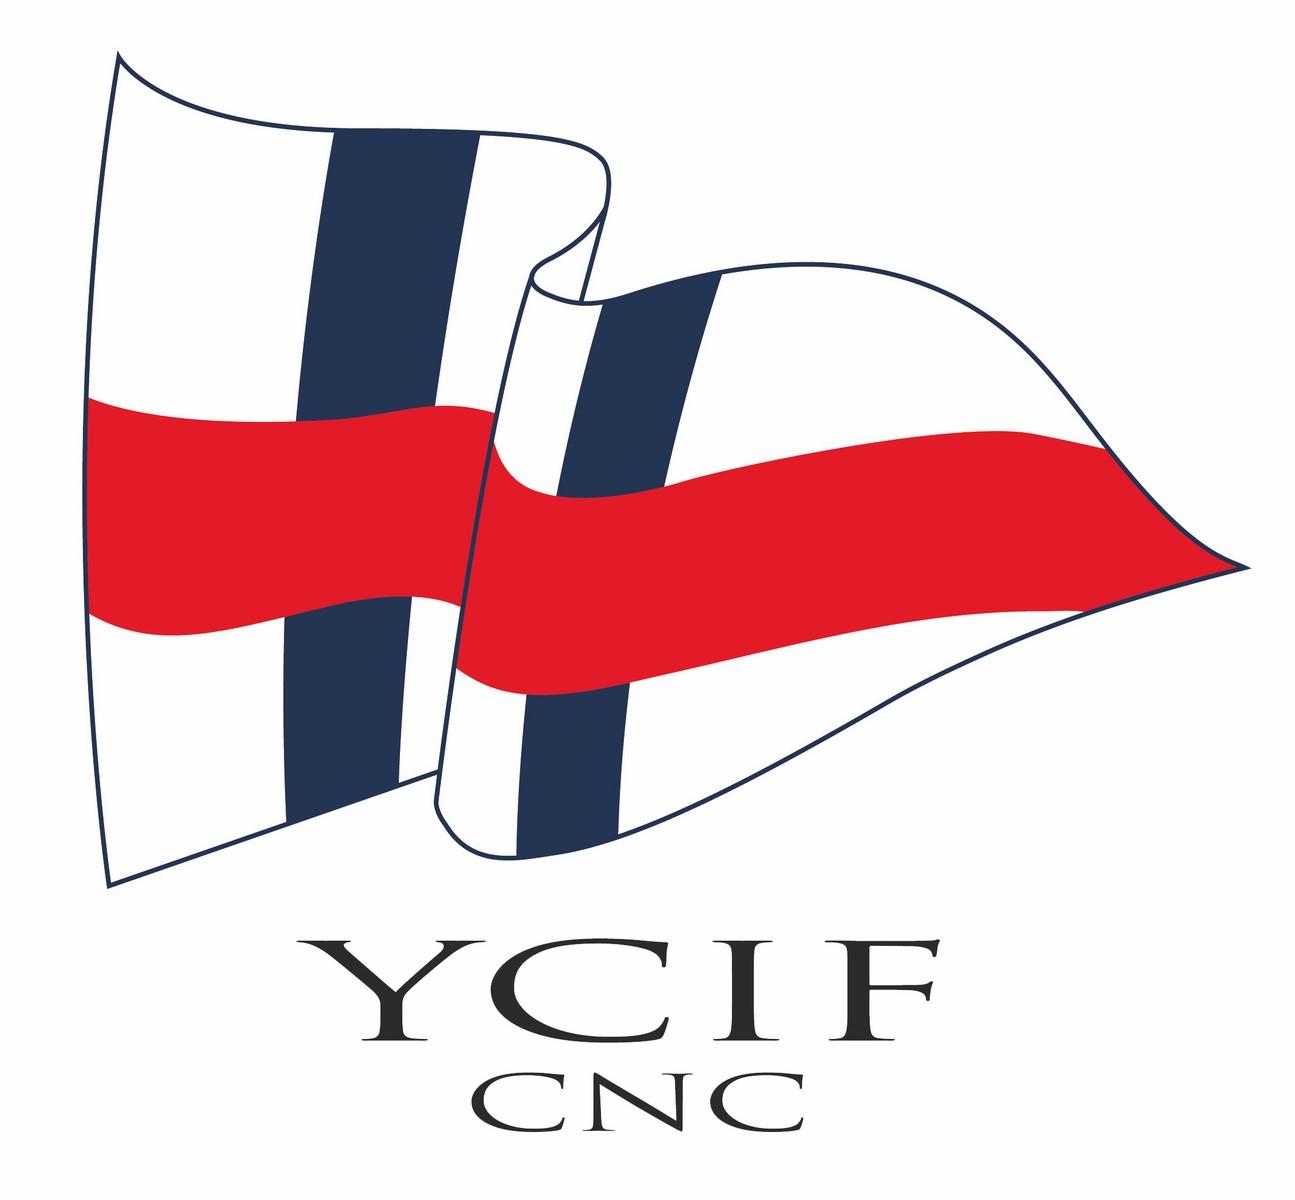 Clinic Star-Aile-2.4mR-5O5 Autres Supports par le Club Y C ILE DE FRANCE affilié à la Fédération Française de Voile